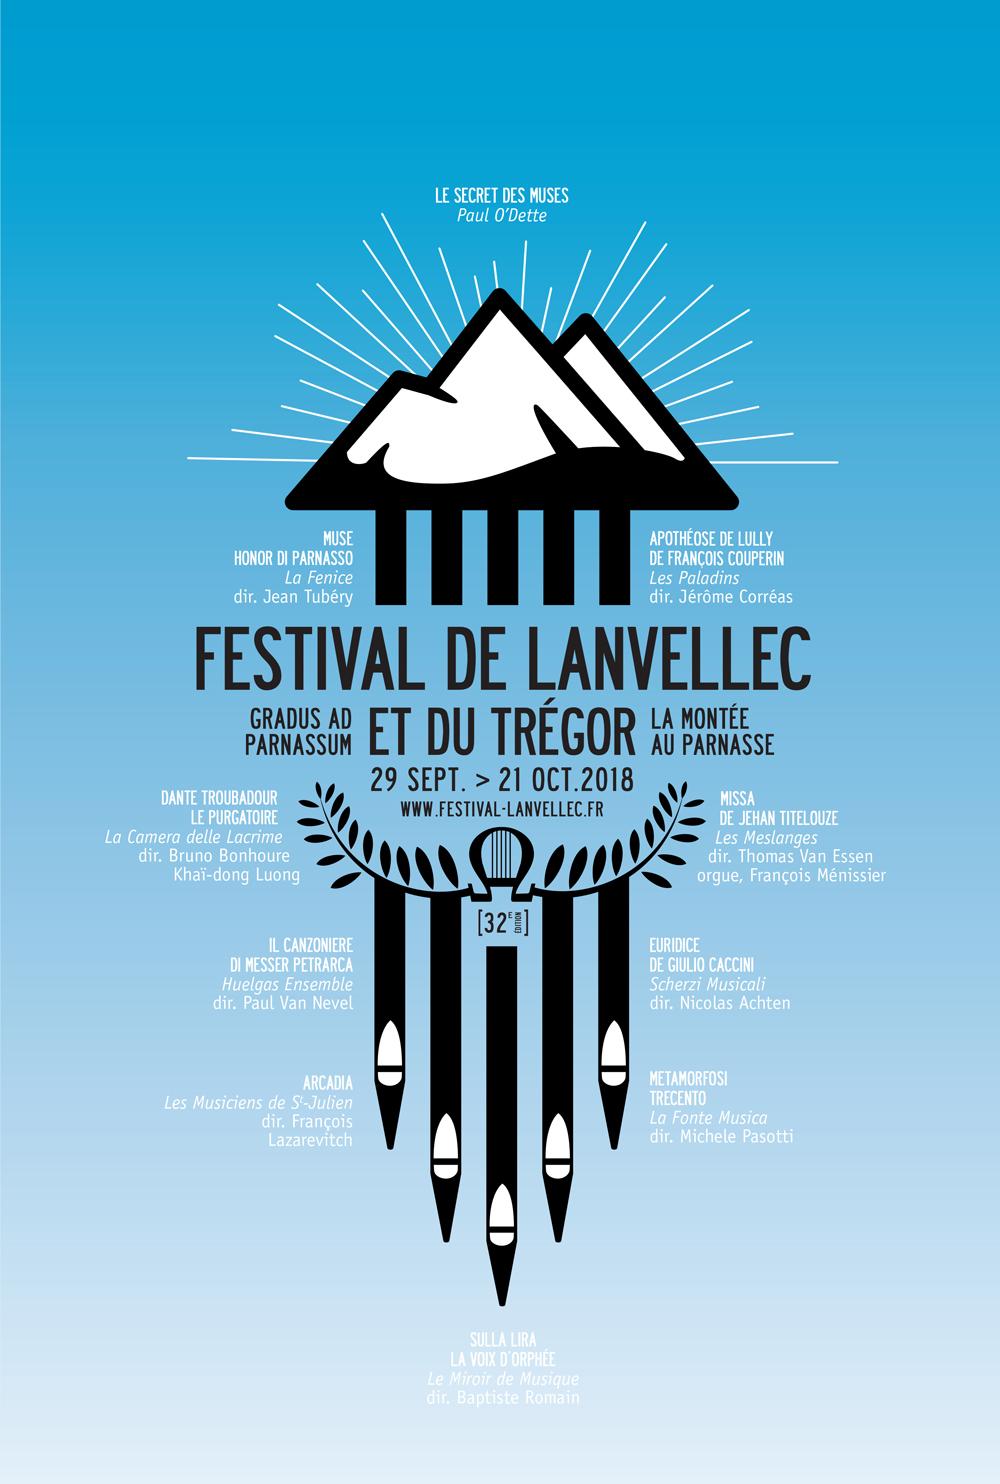 Festival de Lanvellec et du Trégor, (c) Mathieu Desailly